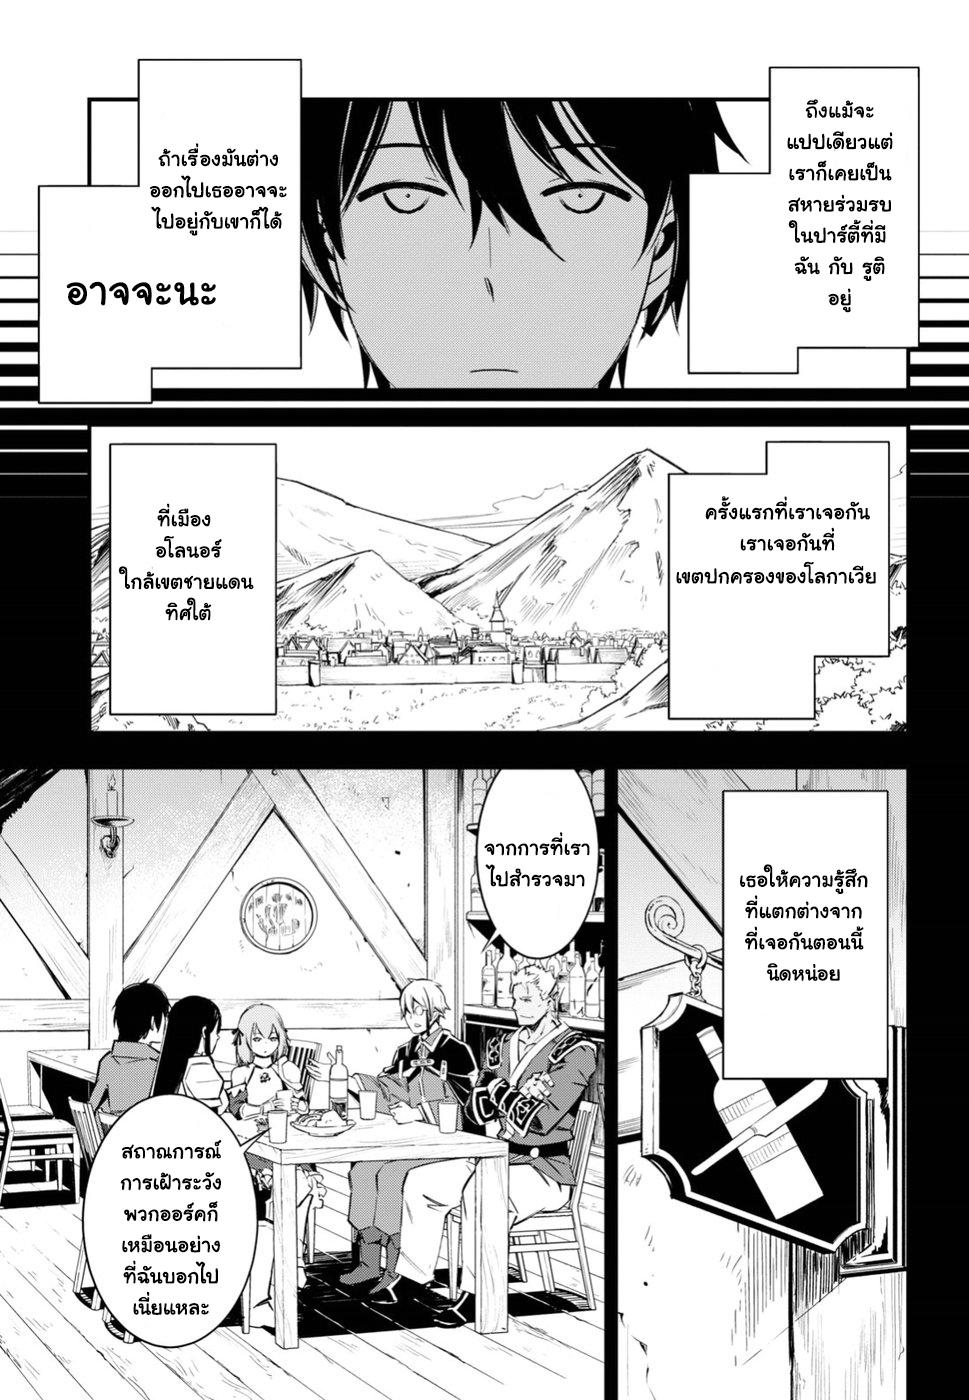 อ่านการ์ตูน Shin no Nakama Janai to Yuusha no Party wo Oidasareta no de Henkyou de Slow Life suru koto ตอนที่ 3 หน้าที่ 3